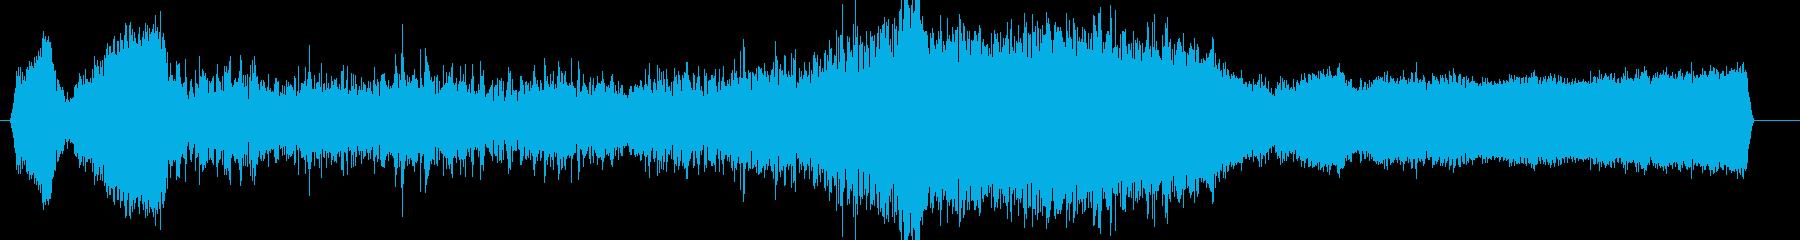 テイラークラフト:スロットル/タク...の再生済みの波形